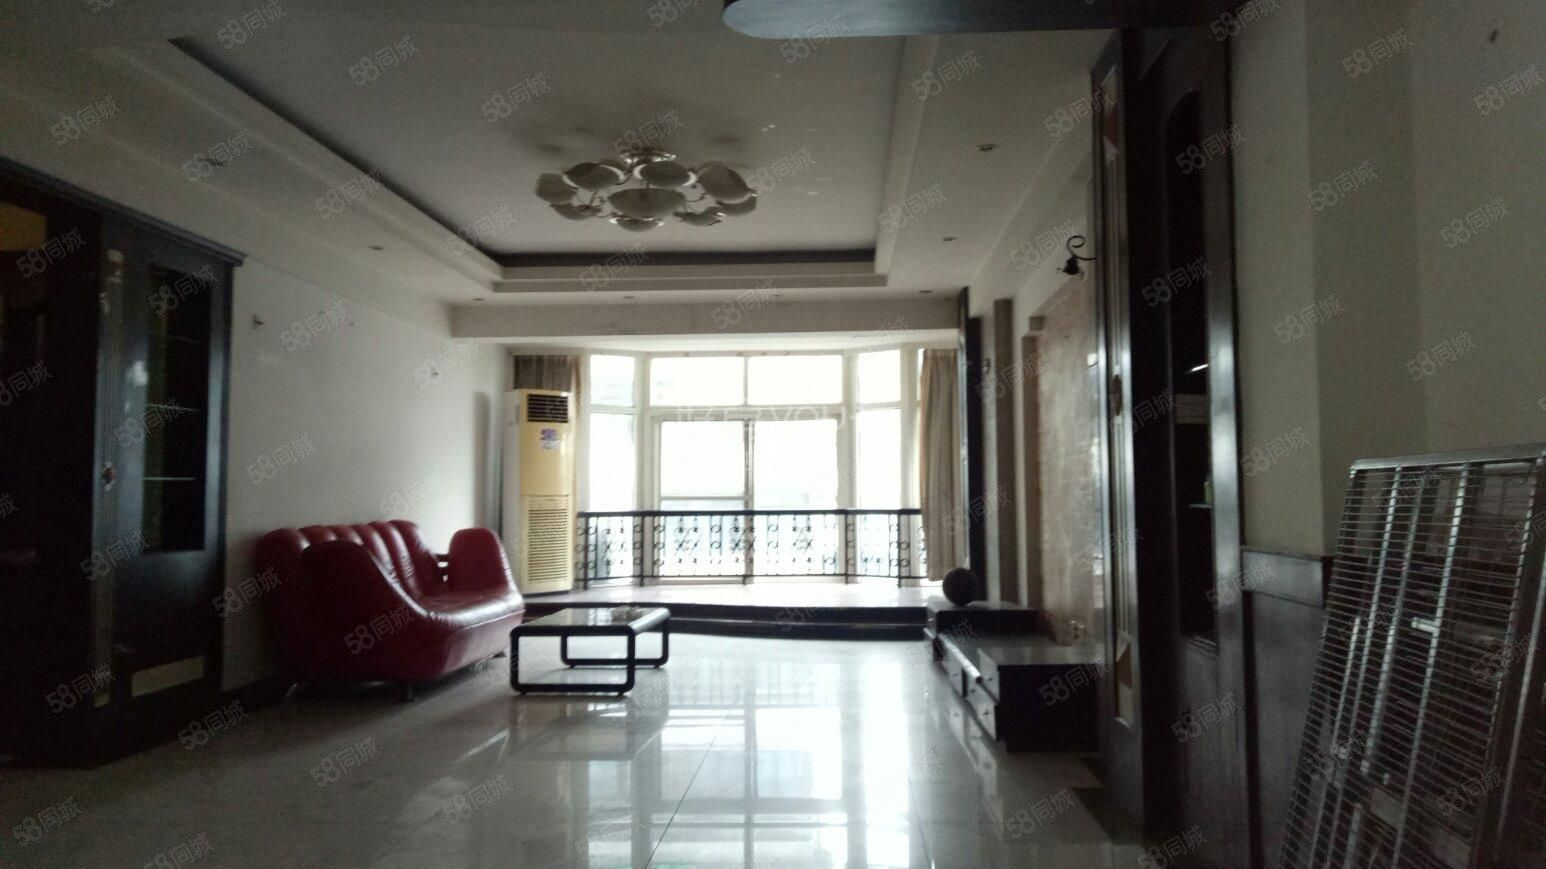 紫薇苑3室2厅1卫1阳台,白领打工族快来看啊